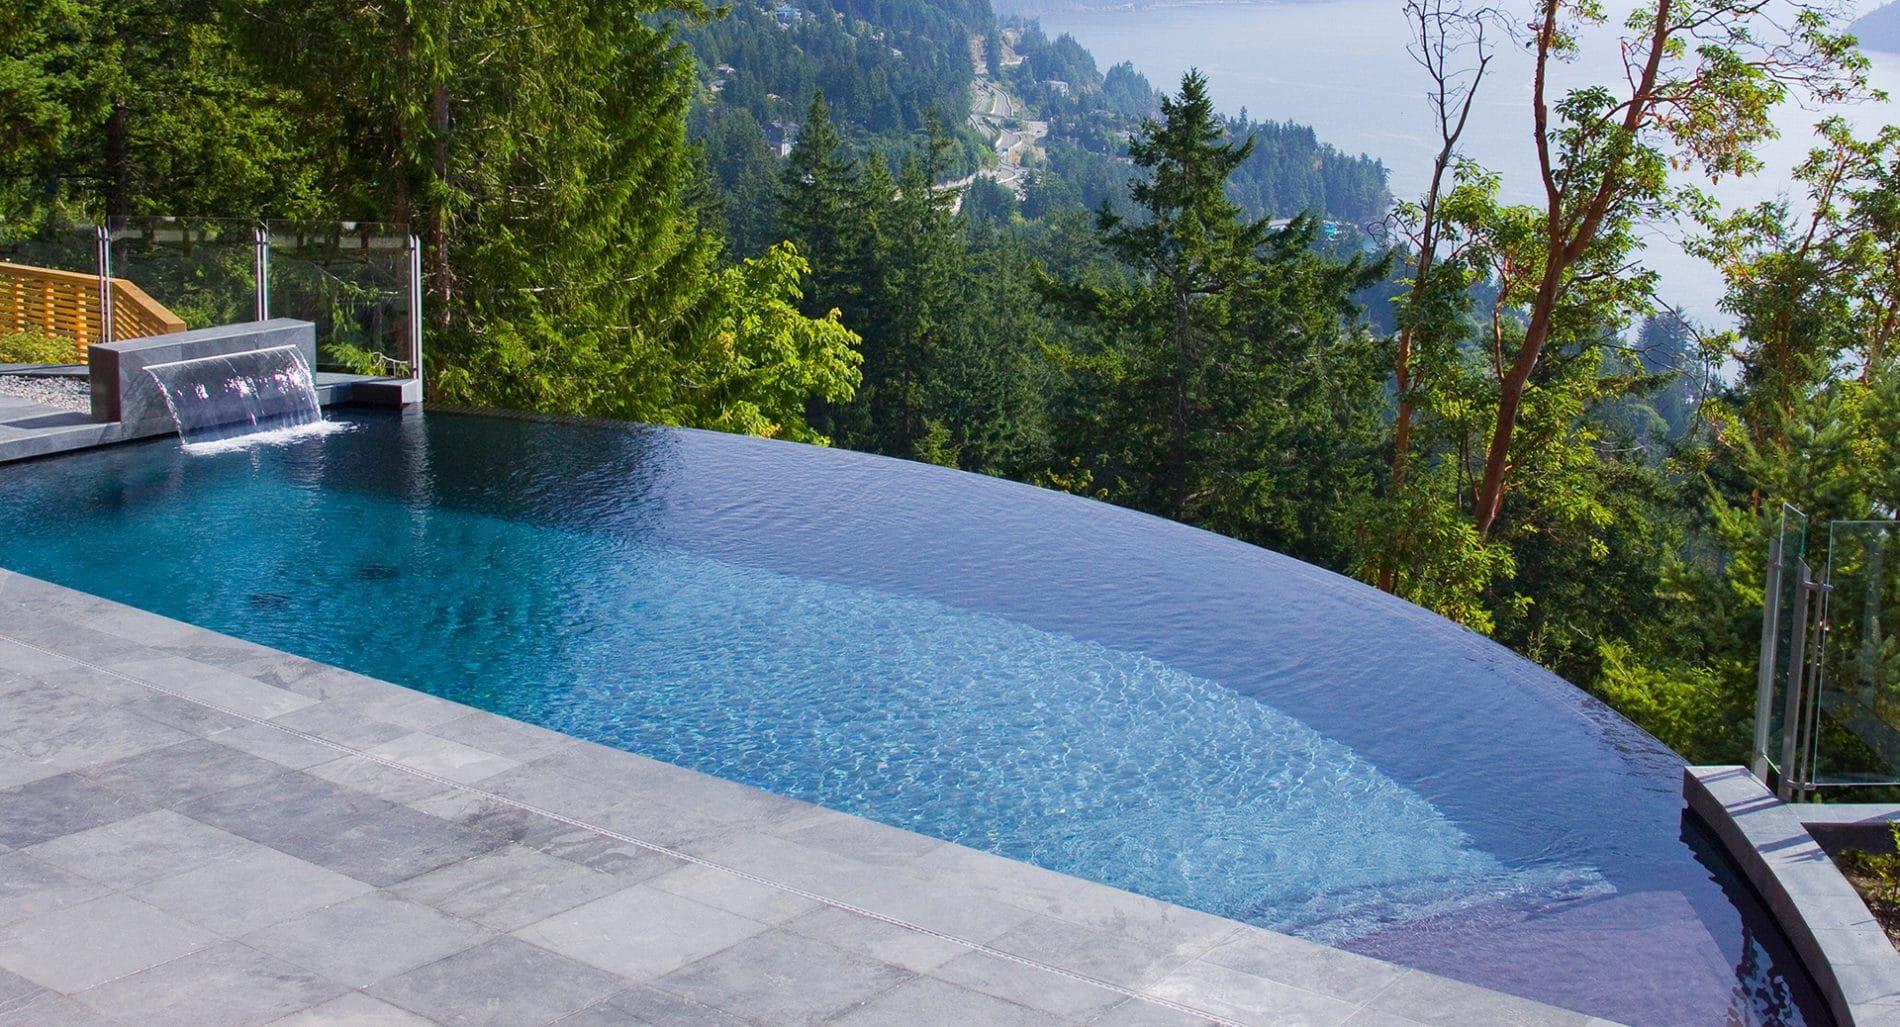 Le baromètre de la construction de piscines toujours en hausse